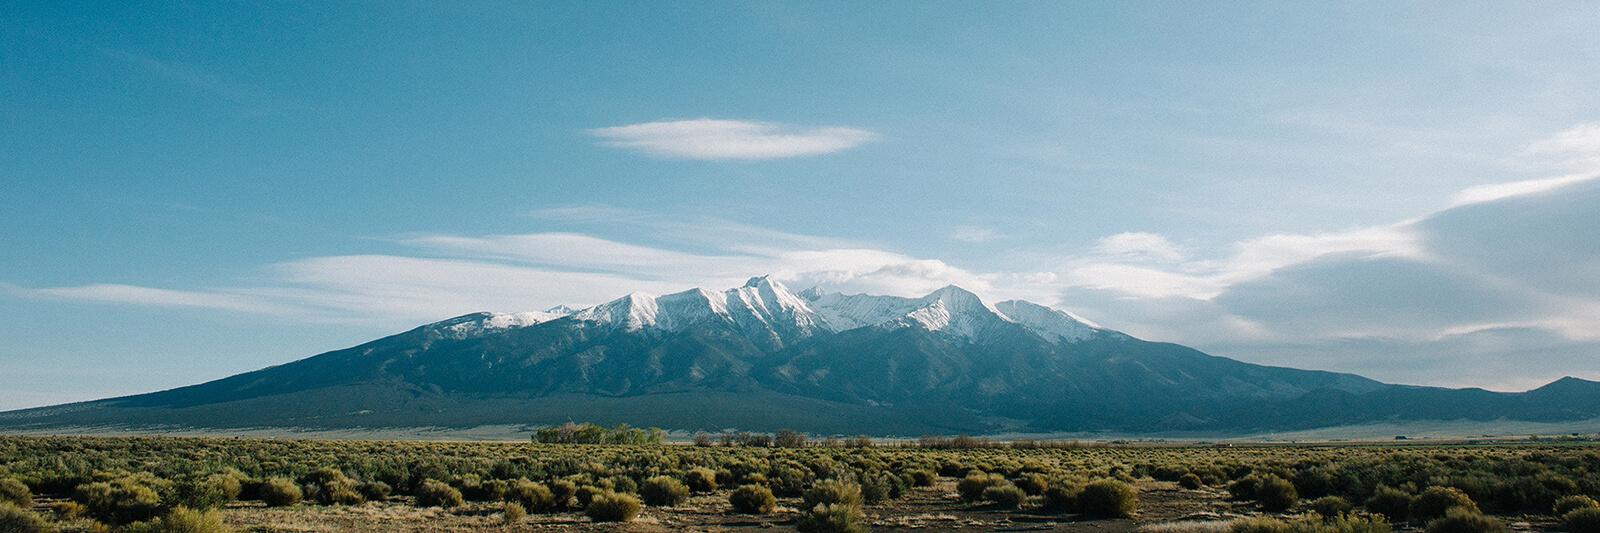 Snow-capped Colorado mountain